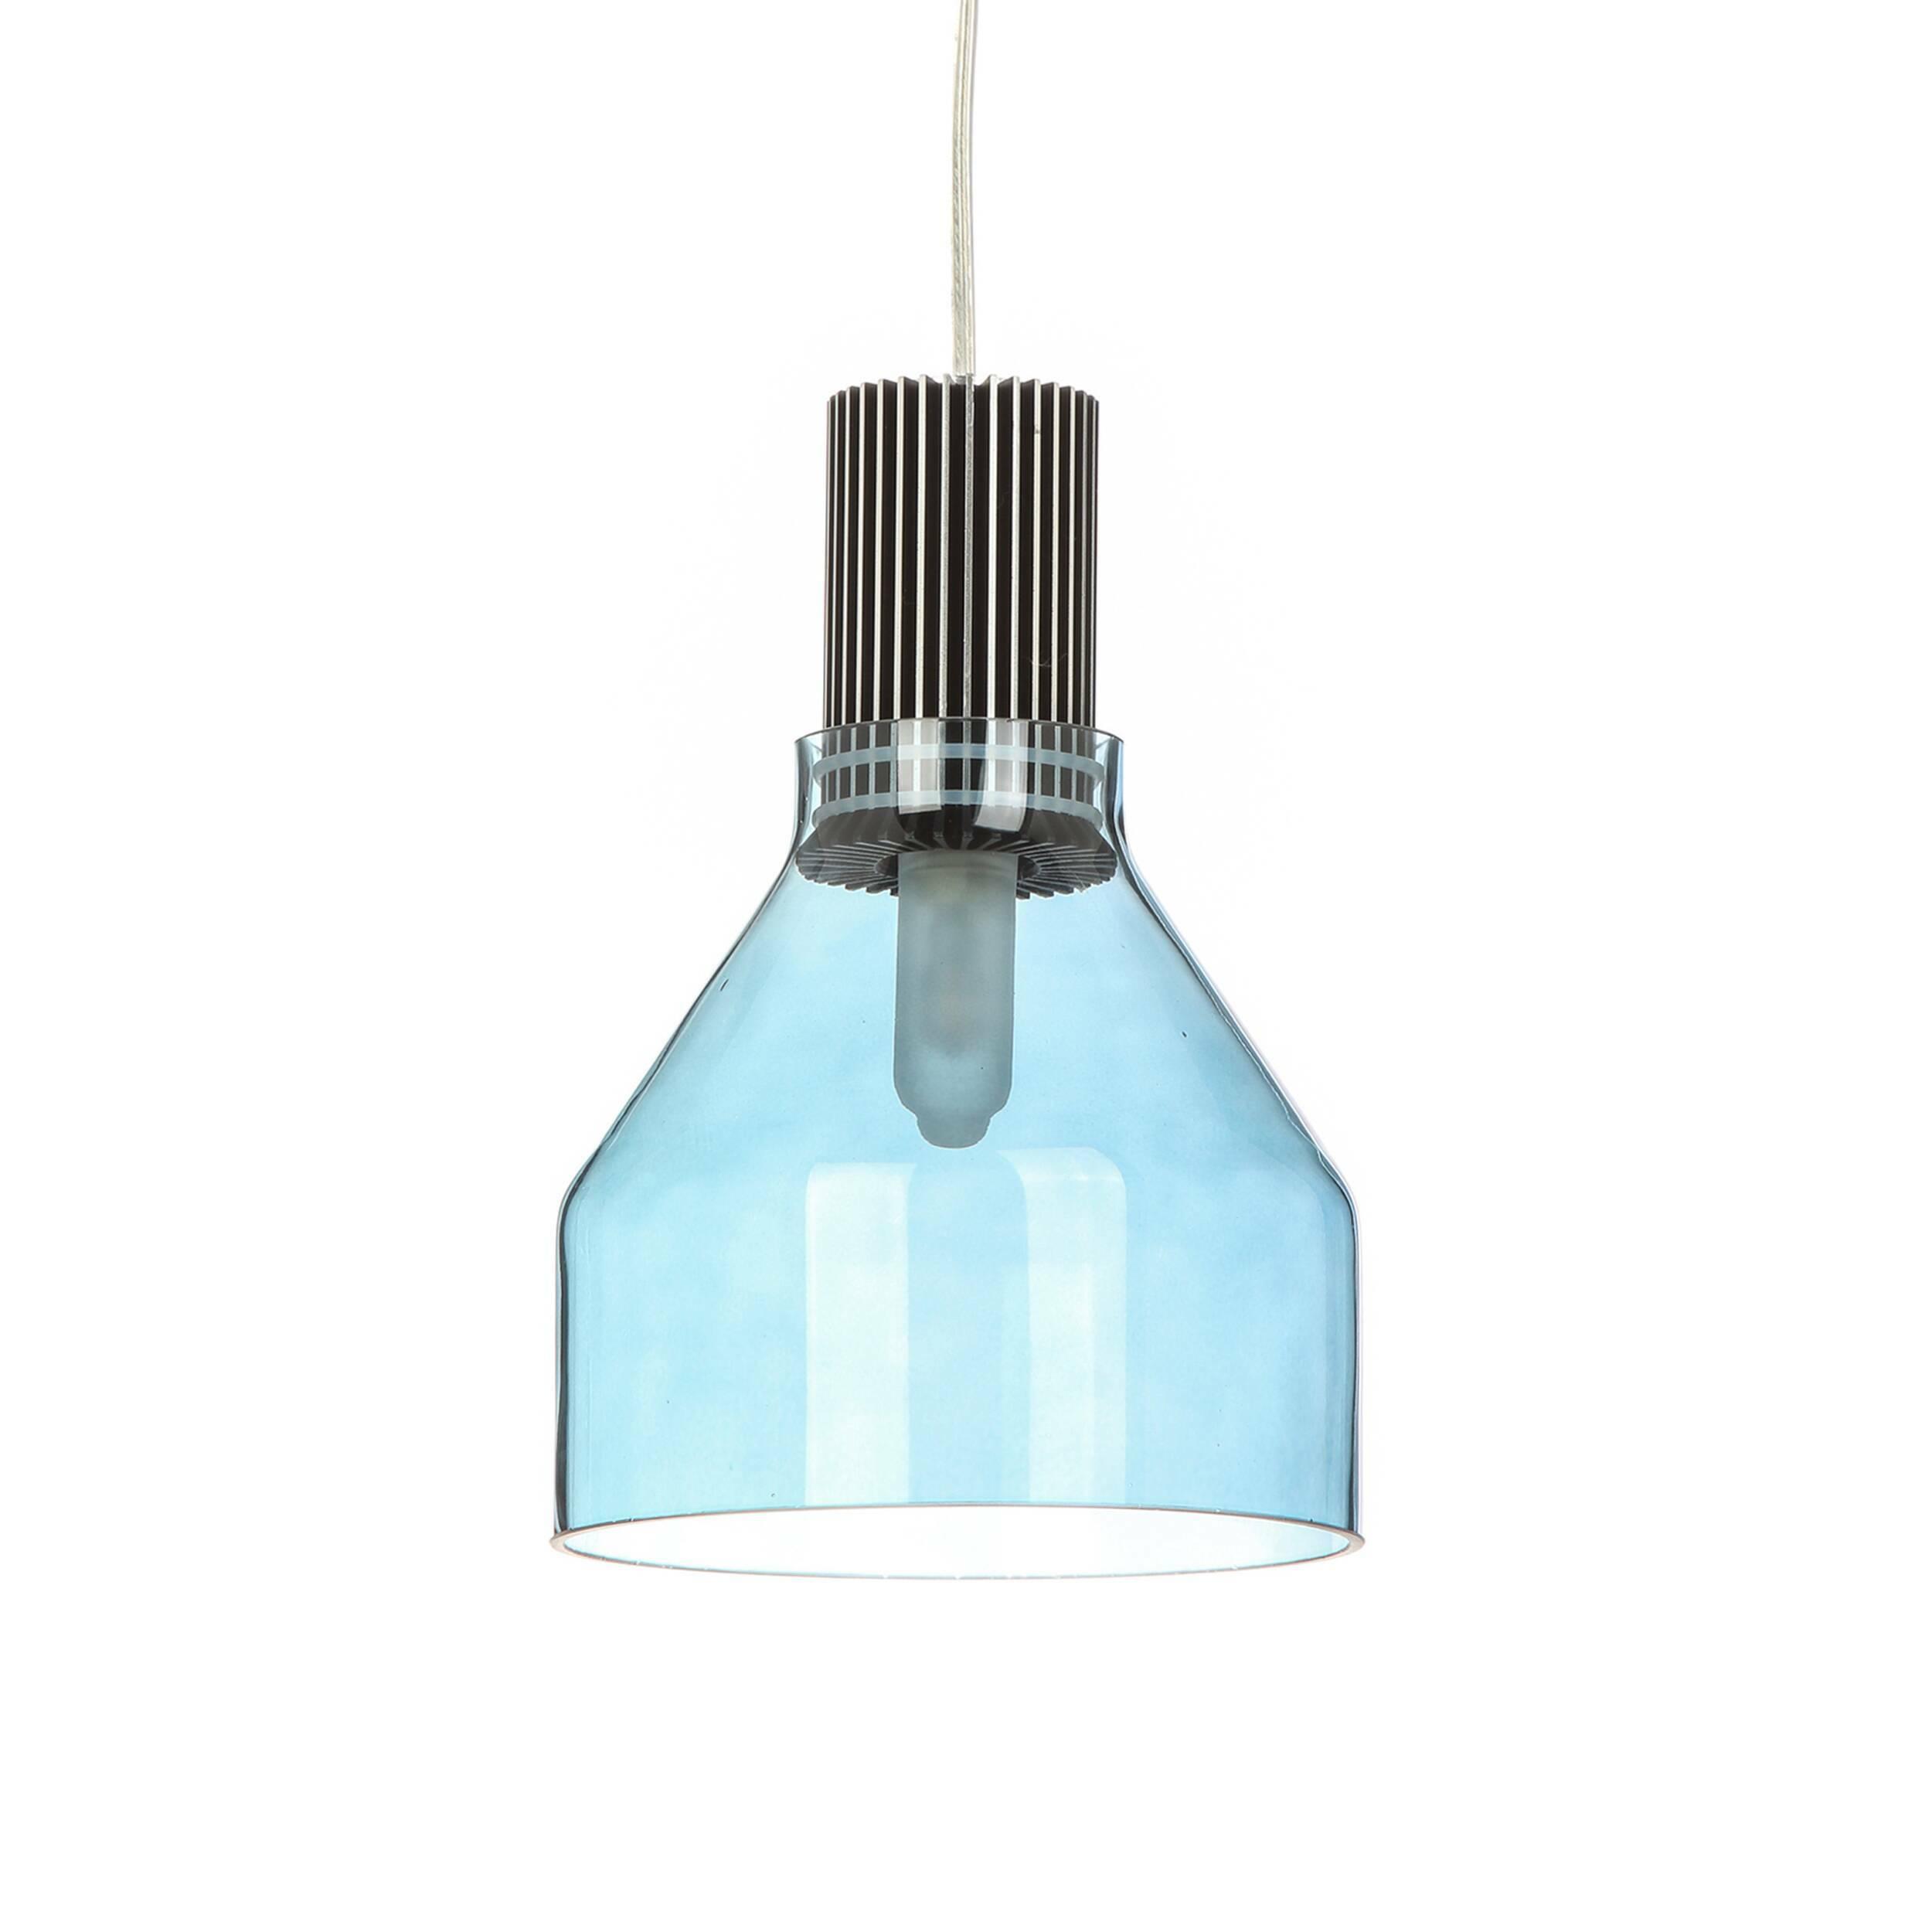 Подвесной светильник JovyПодвесные<br>В современном интерьере возможно все – нет такой задумки, которую дизайнеры не смогли бы воплотить в жизнь. Особенно интересно эта тенденция отражается на дизайне источников освещения, которые становятся все более замысловатыми, эпатажными и удивительно красивыми в своей простоте. Стильный дизайнерский подвесной светильник Jovy (Джови) является ярким представителем современных тенденций в мире интерьерной моды.<br><br><br> Эта модель изготовлена из прочных, практичных материалов, которые обесп...<br><br>stock: 7<br>Высота: 24<br>Диаметр: 18<br>Материал абажура: Стекло<br>Материал арматуры: Алюминий<br>Мощность лампы: 5<br>Тип лампы/цоколь: G9 LED<br>Цвет абажура: Дымчато-голубой